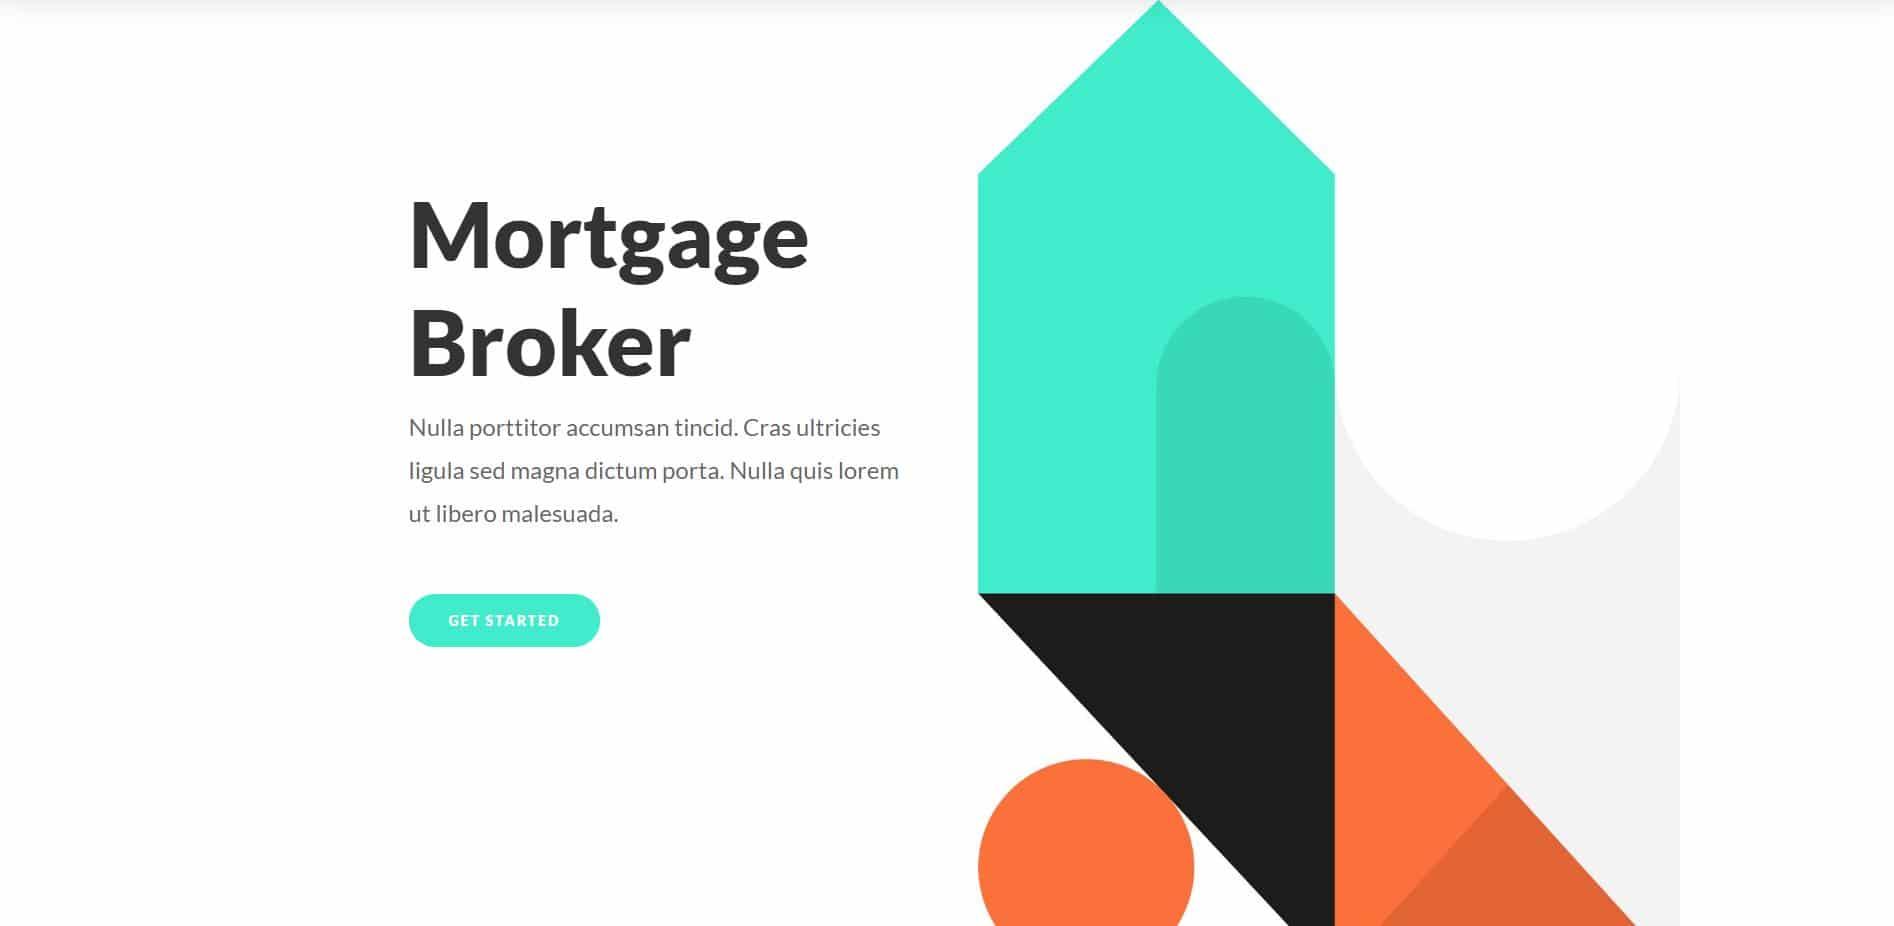 Mortgage Broker Website Design